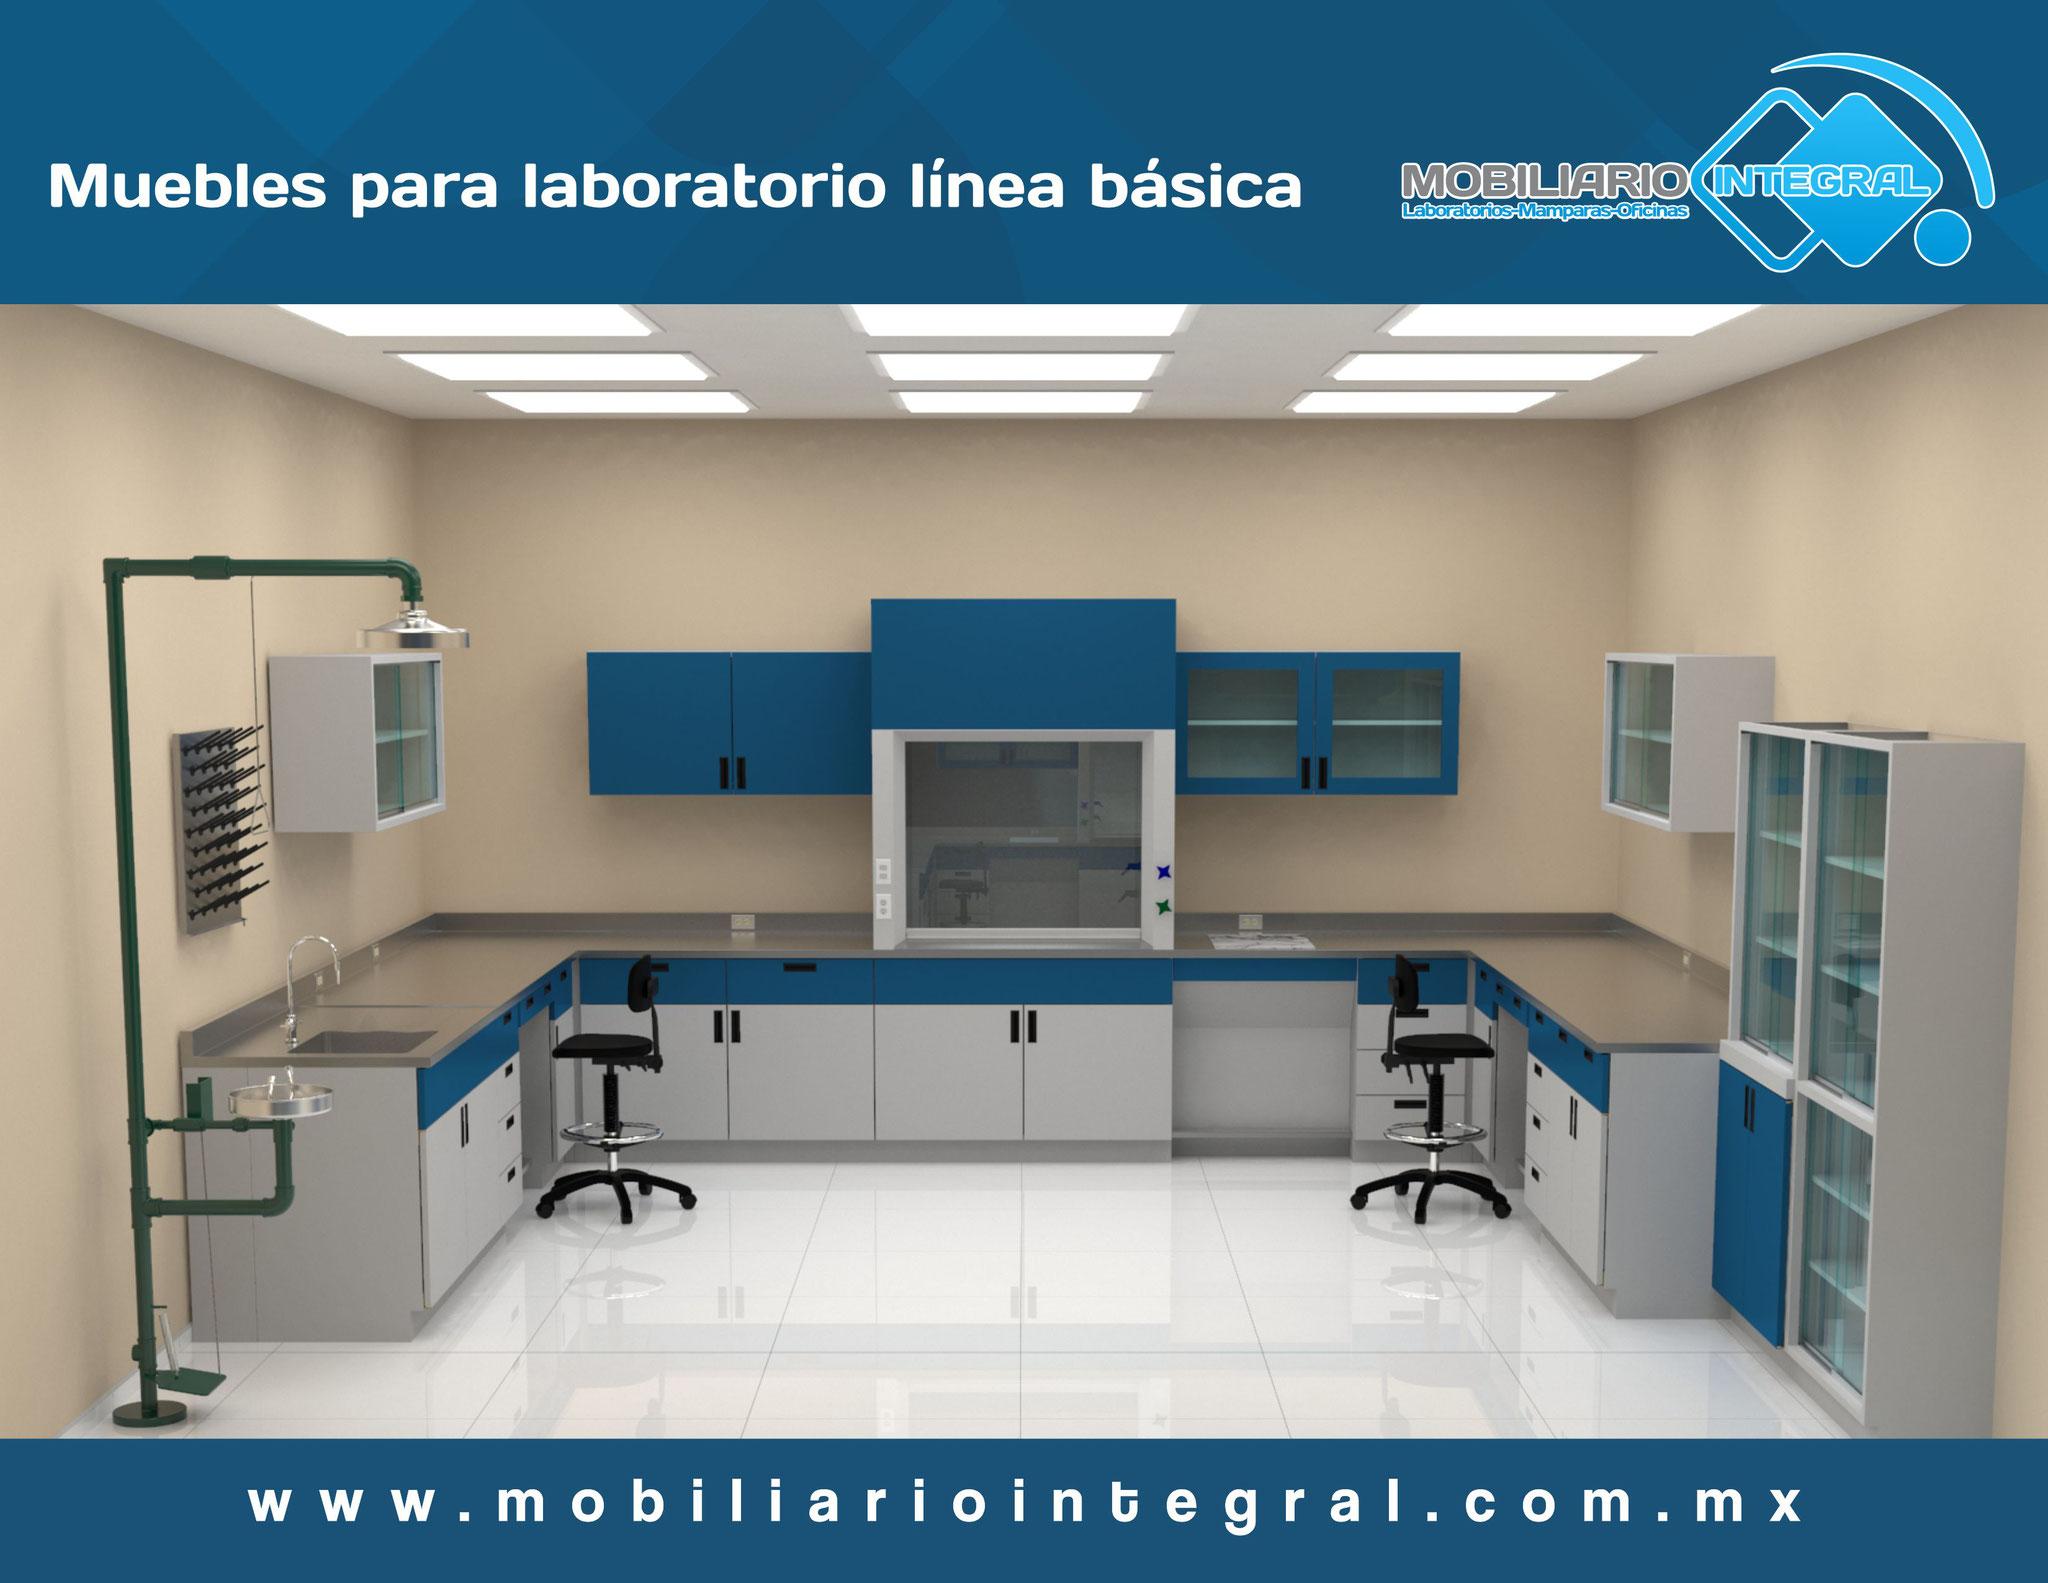 Muebles para laboratorio en Tehuacán